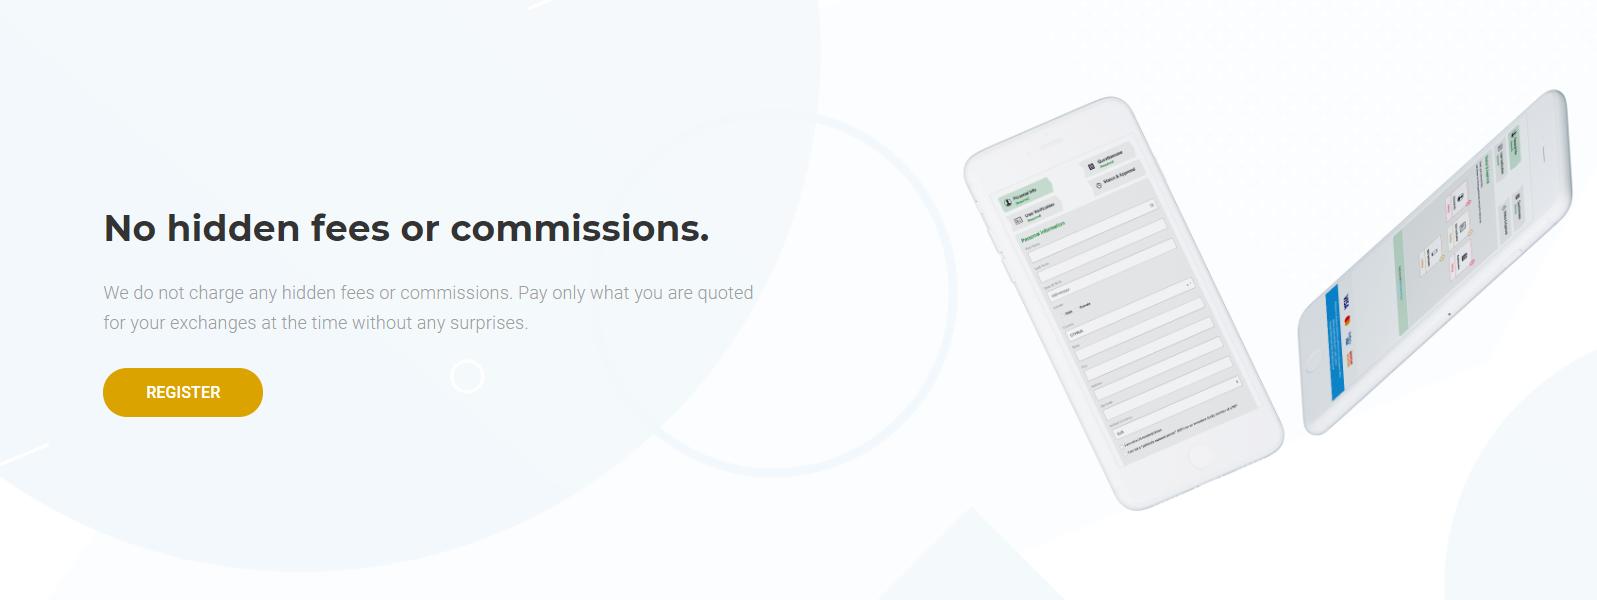 AussieCoins fees